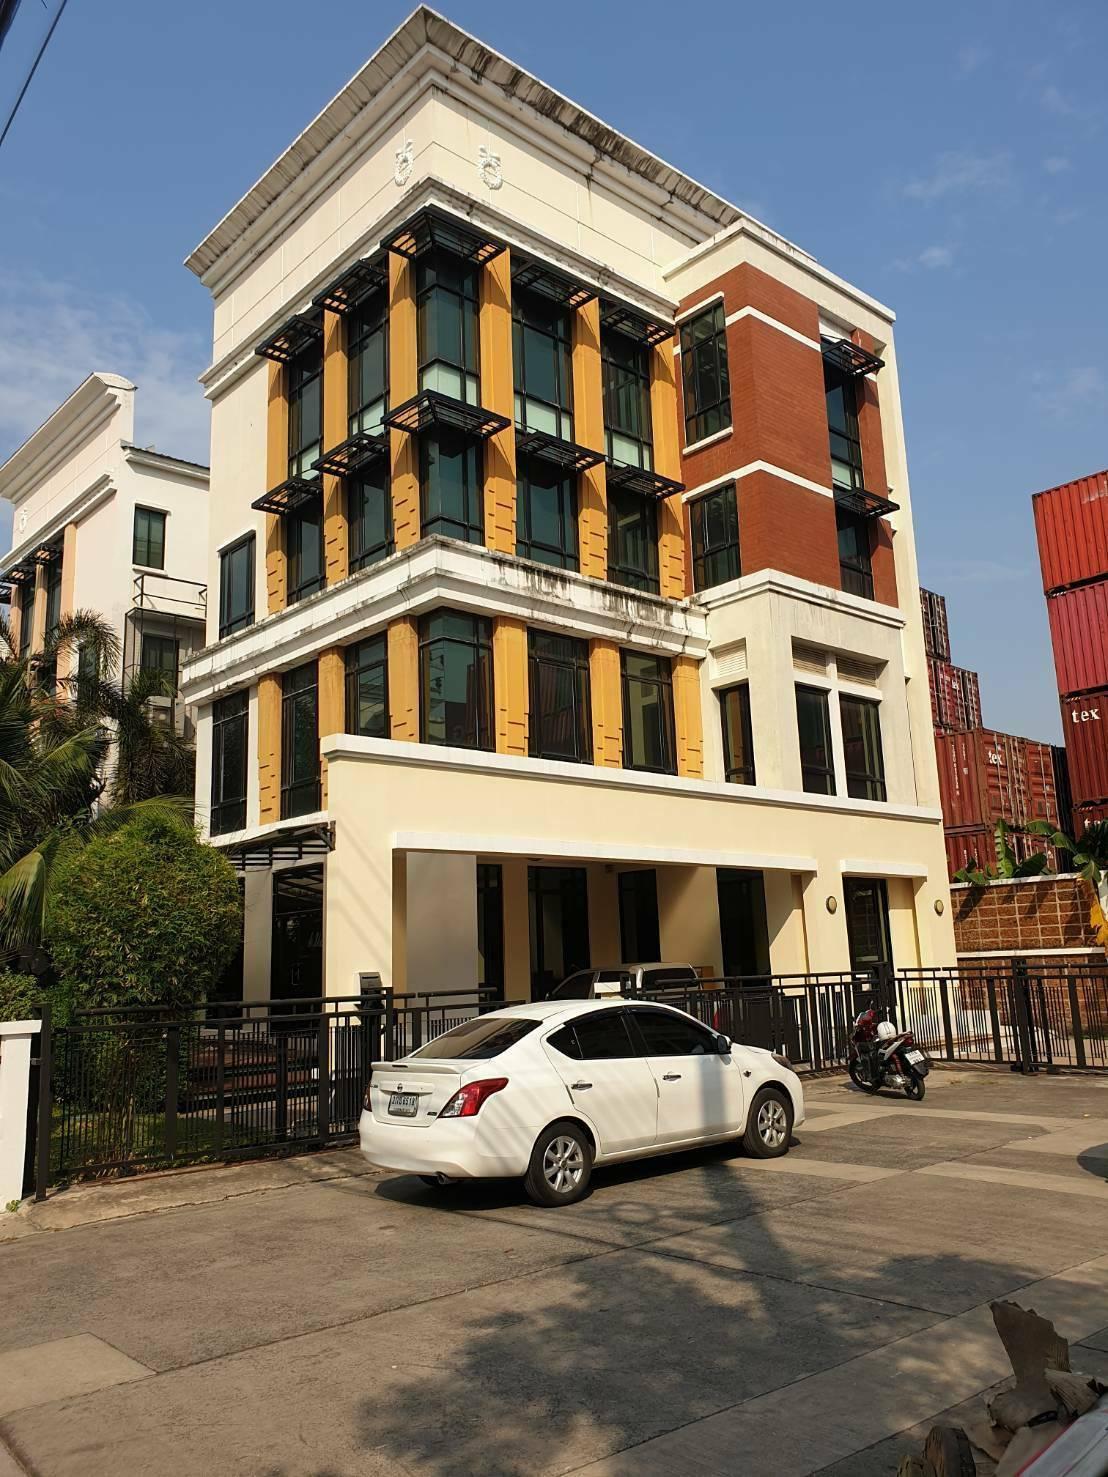 ขายราคาประเมิน 28 ล้านบาท อาคารสำนักงาน/โฮมออฟฟิส/ทาวน์โฮม 4 ชั้น บ้านกลางกรุงออฟฟิสปาร์ค บางนา (Baan Klang Krung Office) ตรงข้ามเซนทรัล บางนา ใกล้รถไฟฟ้า BTS อุดมสุข, BTS บางนา